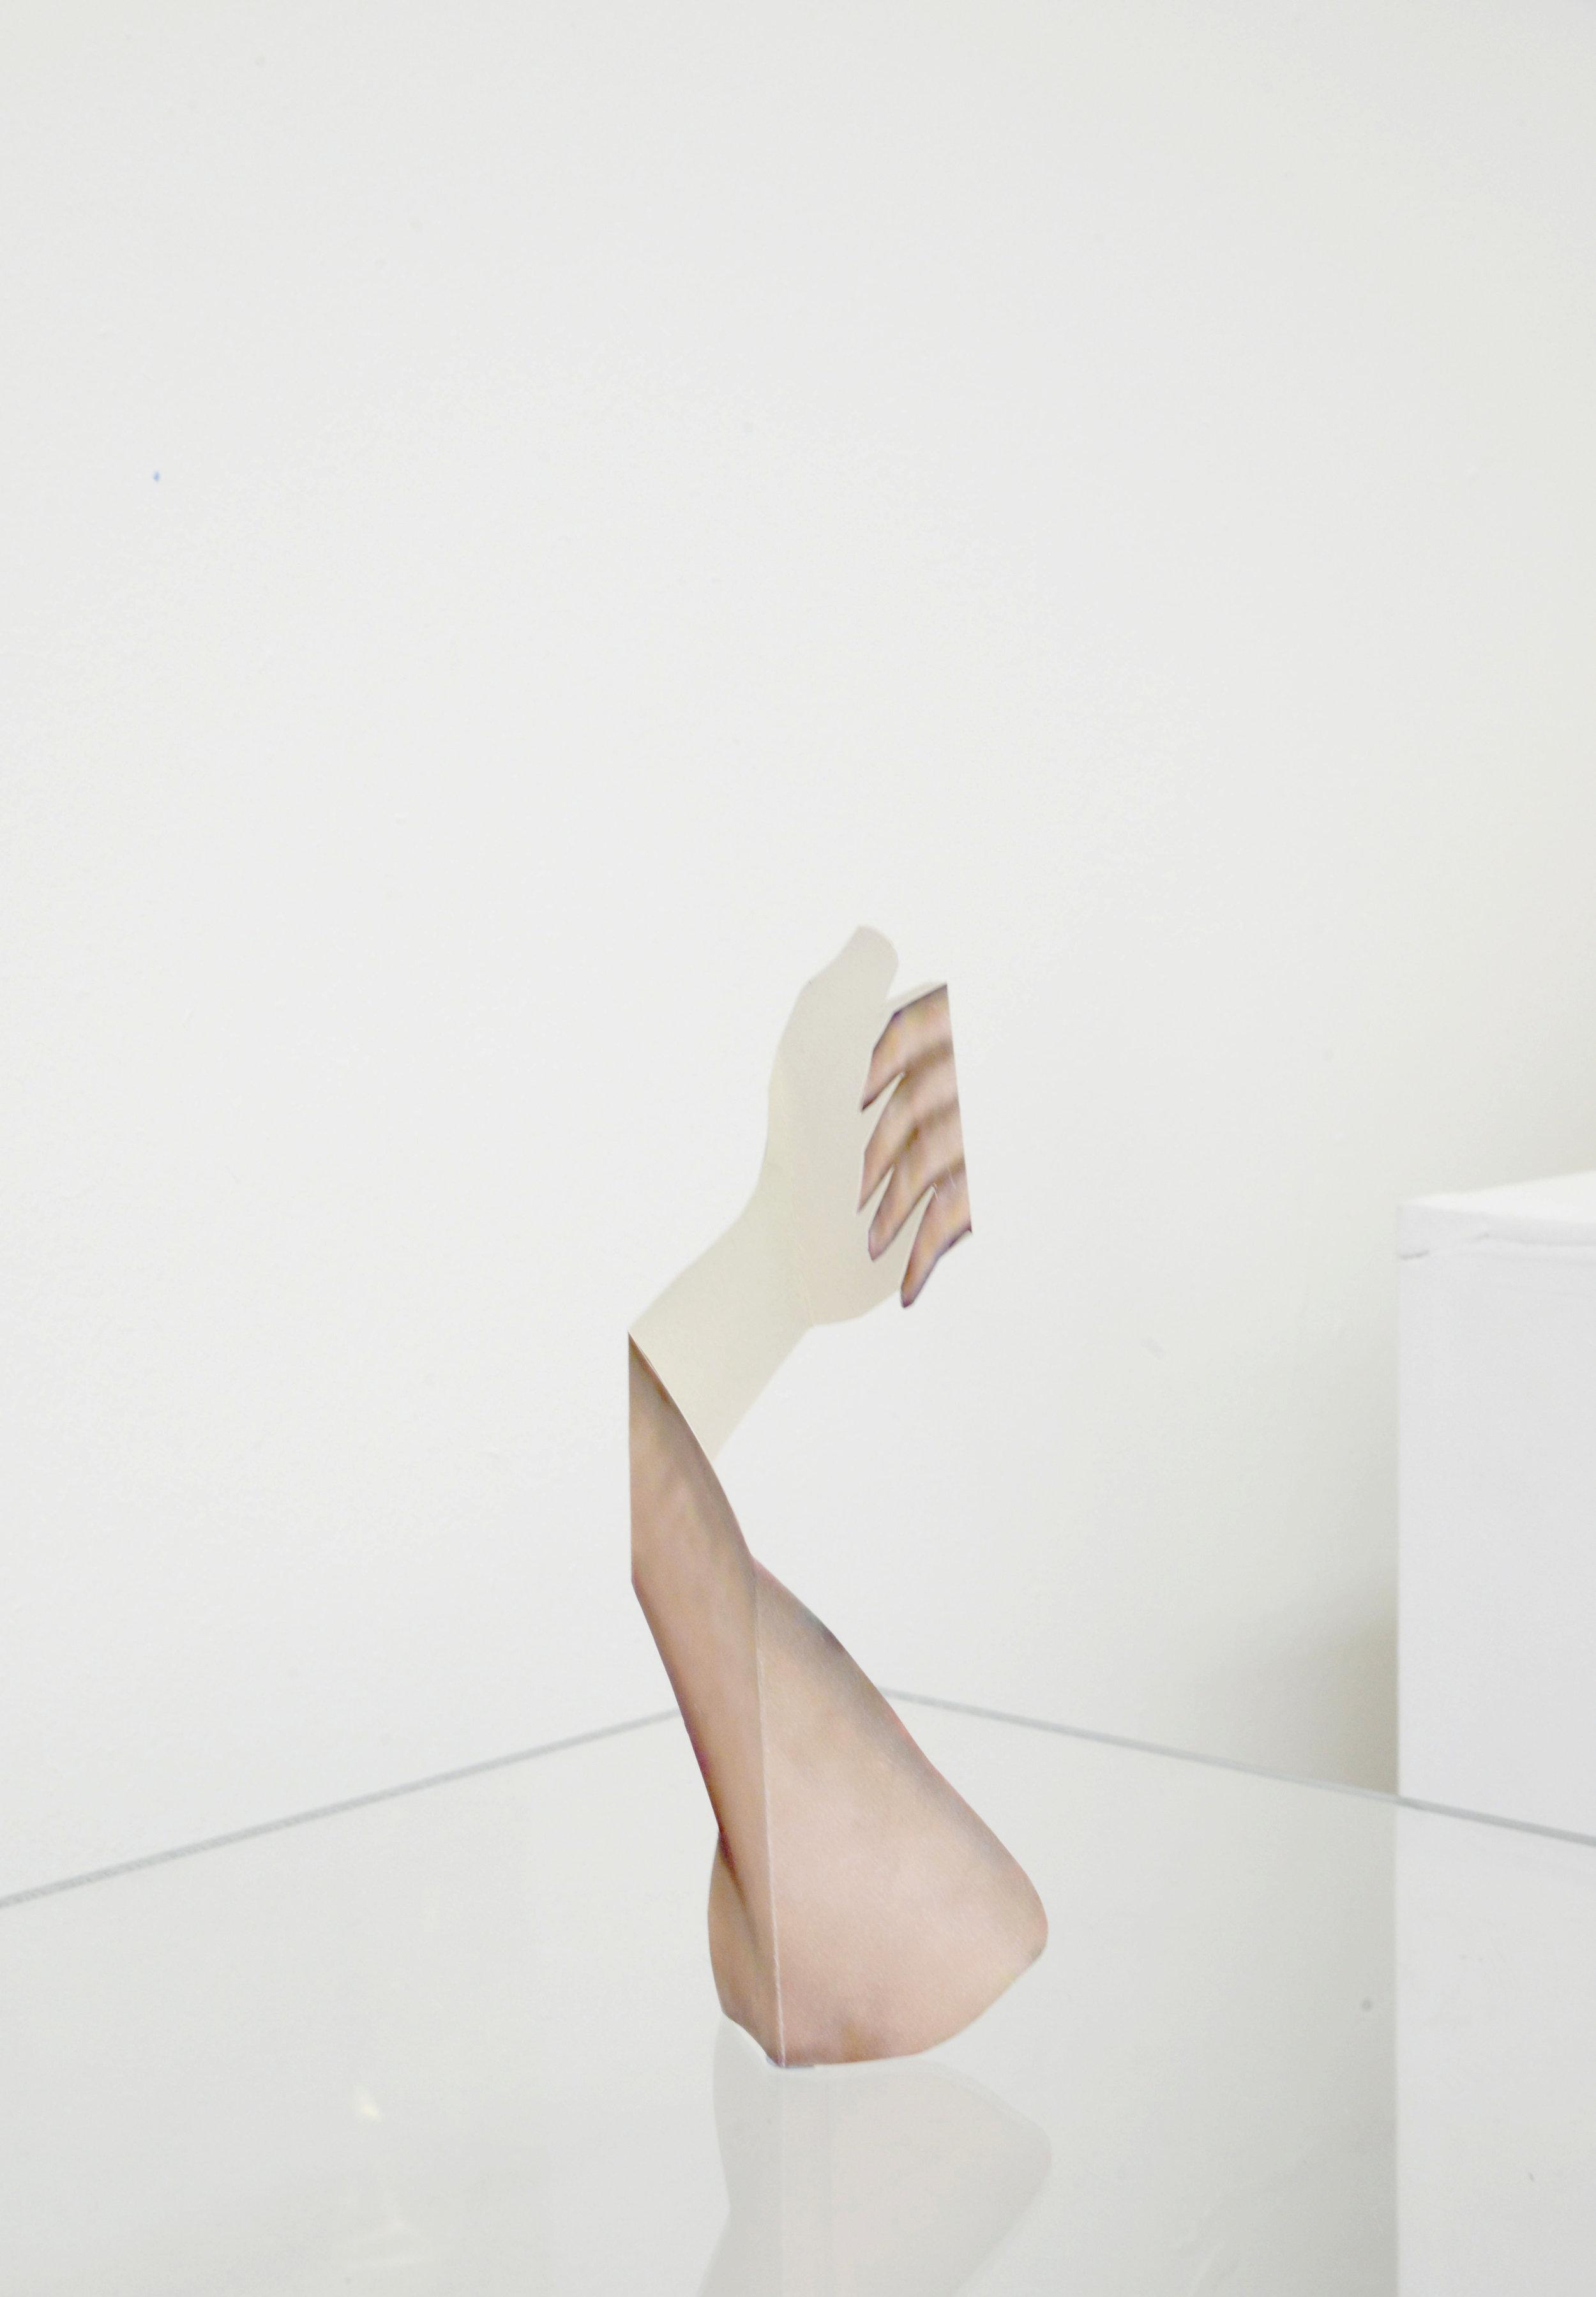 gestures (2), 2016